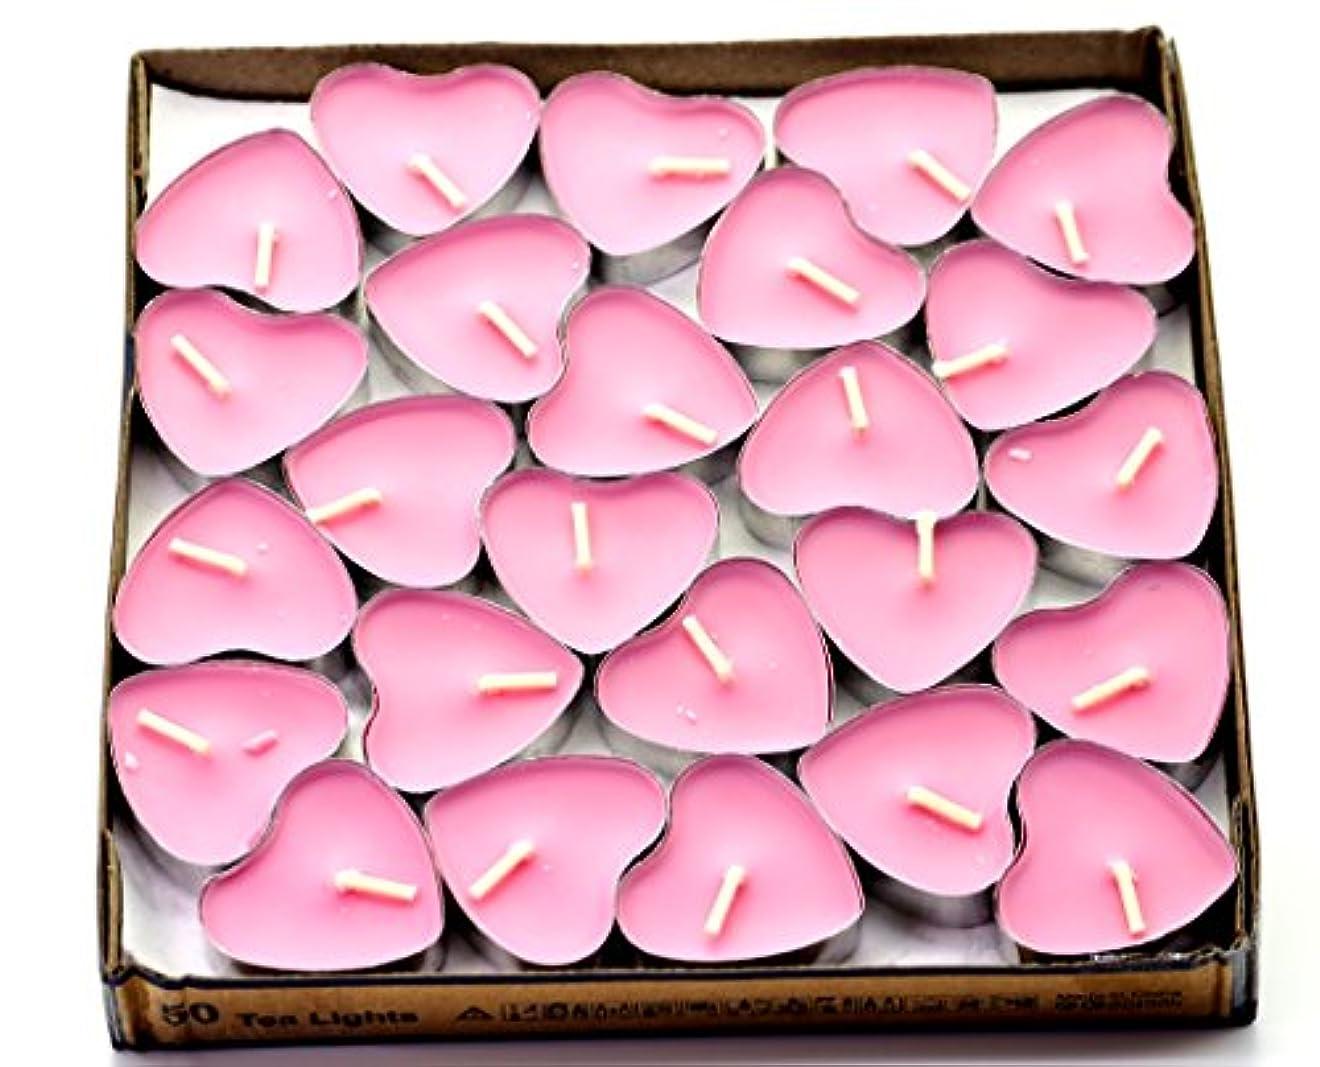 構造的軍団応用(Pink(rose)) - Creationtop Scented Candles Tea Lights Mini Hearts Home Decor Aroma Candles Set of 50 pcs mini...